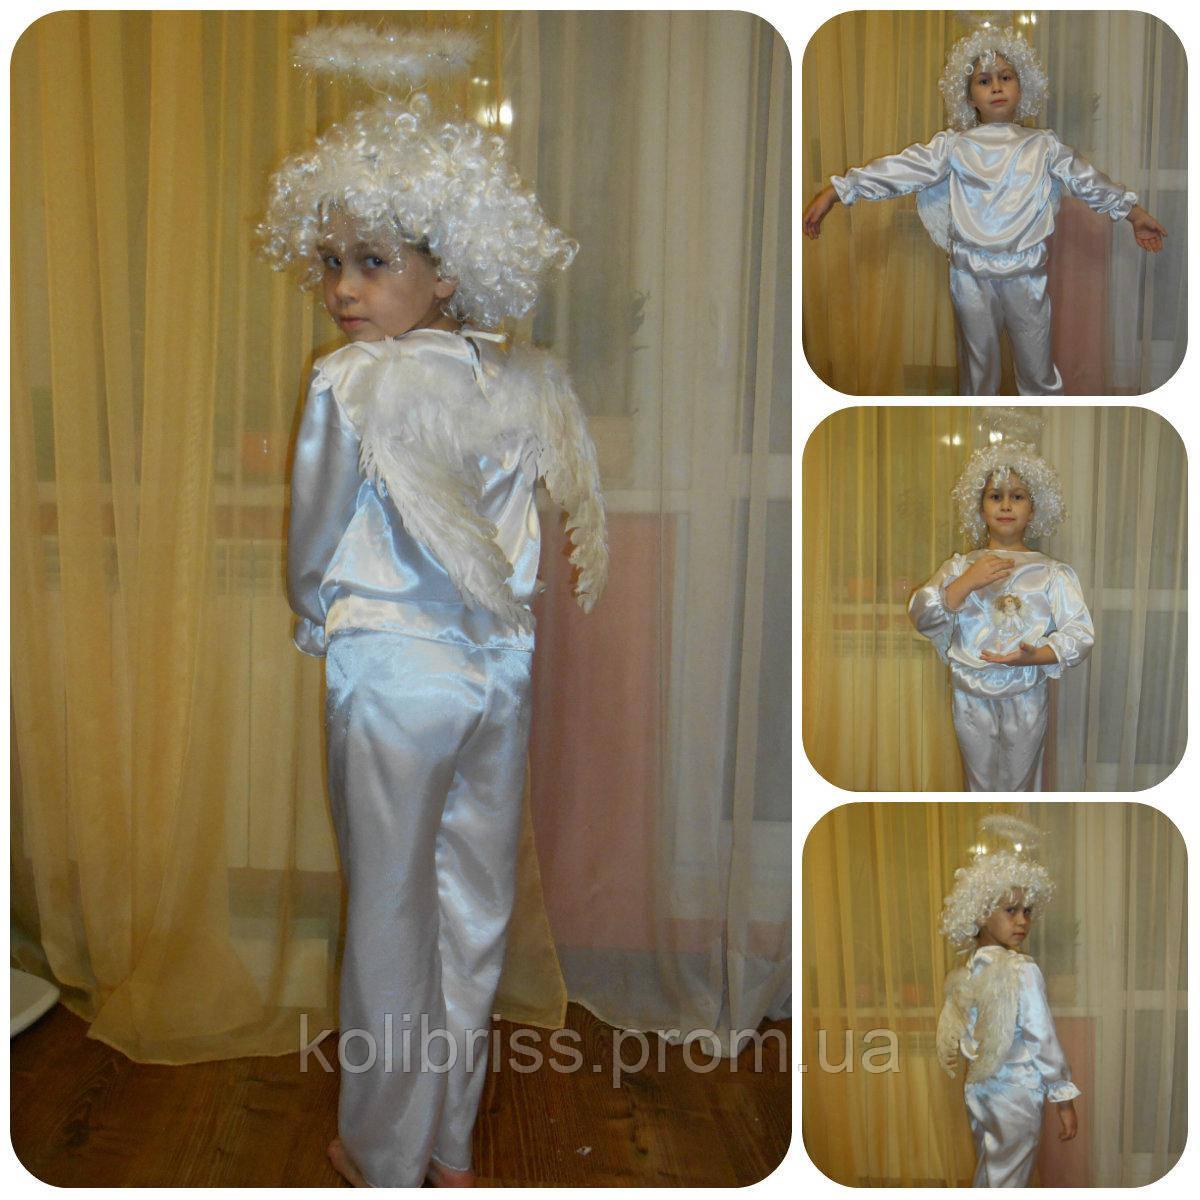 a5d35f7164fffb3 Шикарный костюм ангела прокат киев, цена 250 грн., заказать в Киеве ...